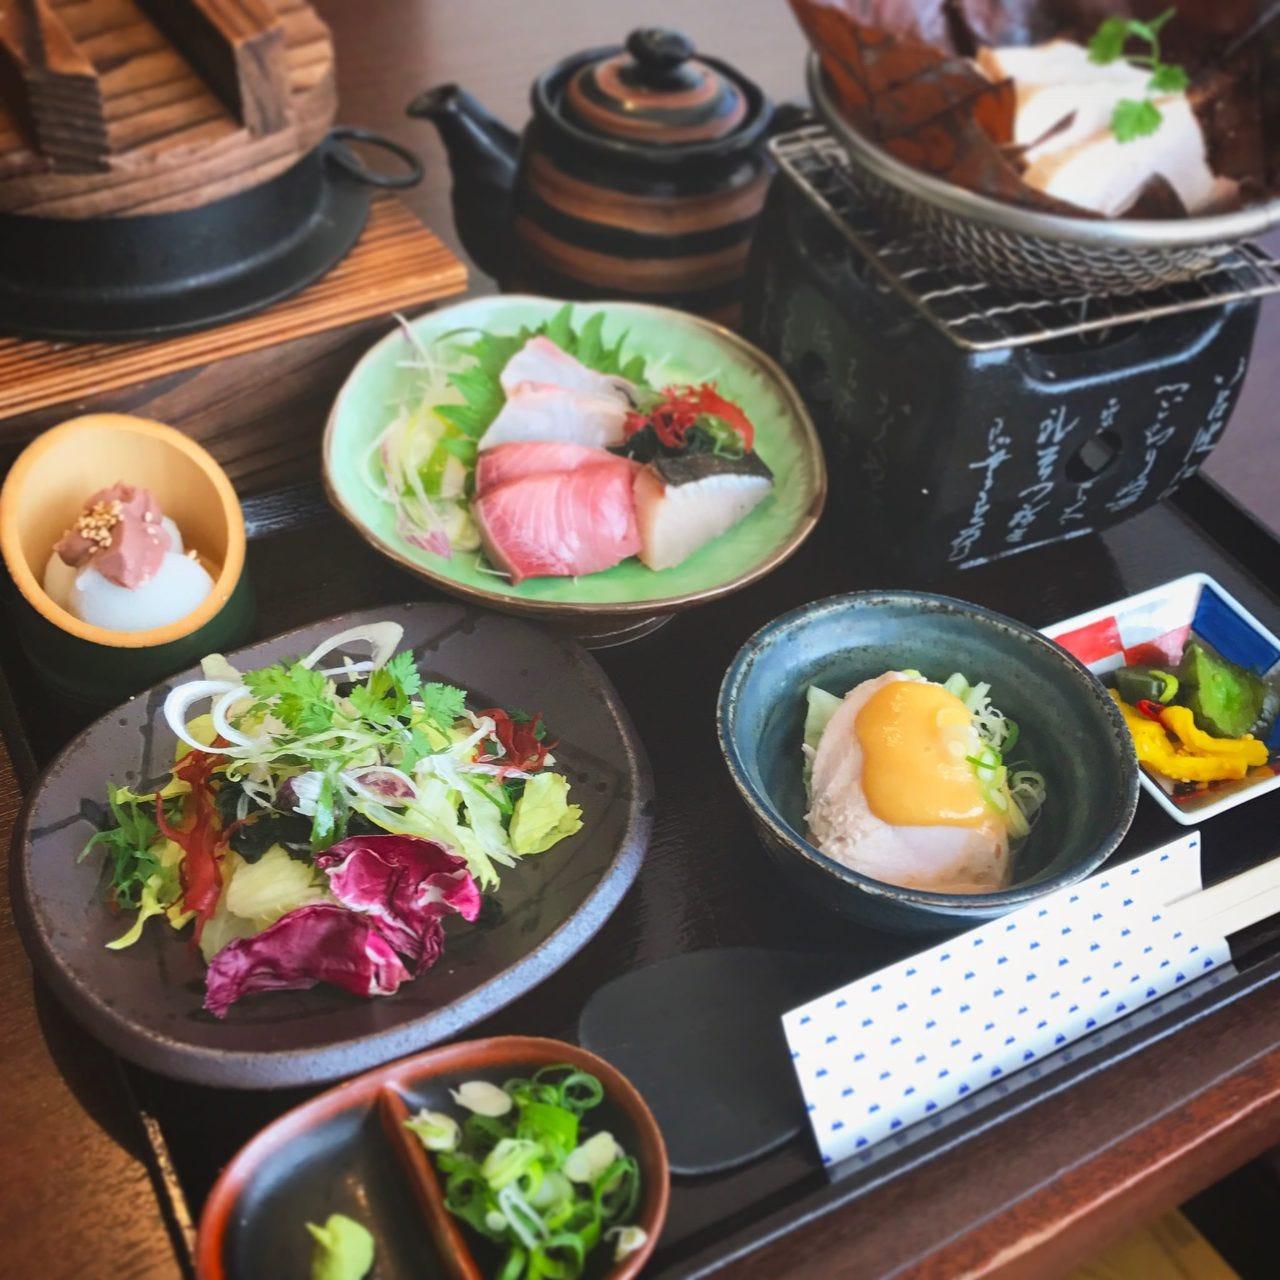 萬月お昼限定釜飯シェアコース2500円